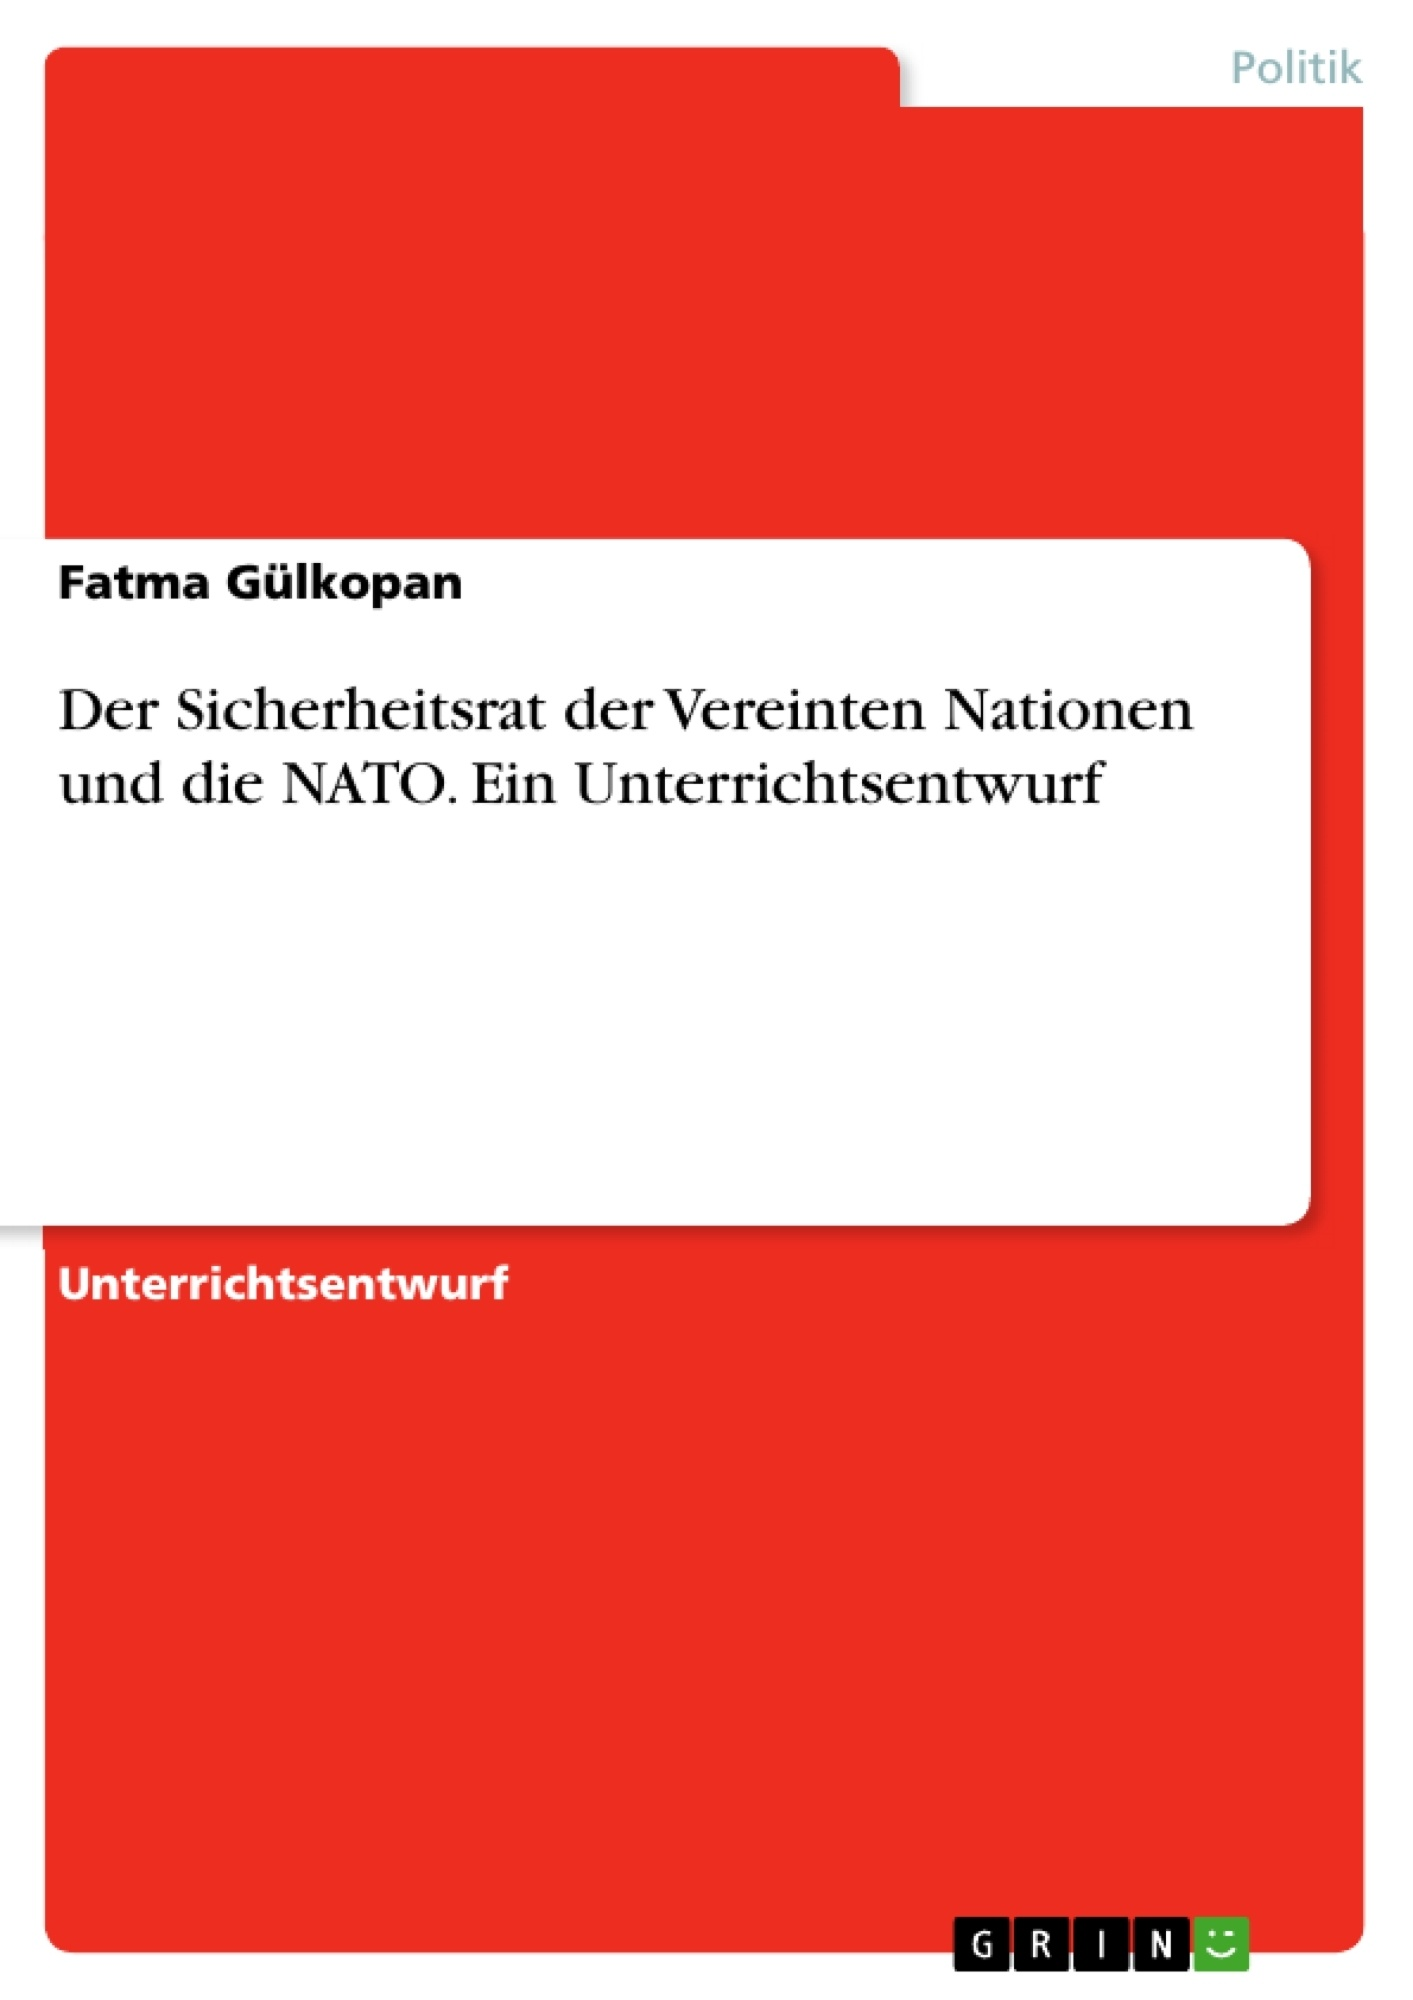 Titel: Der Sicherheitsrat der Vereinten Nationen und die NATO. Ein Unterrichtsentwurf